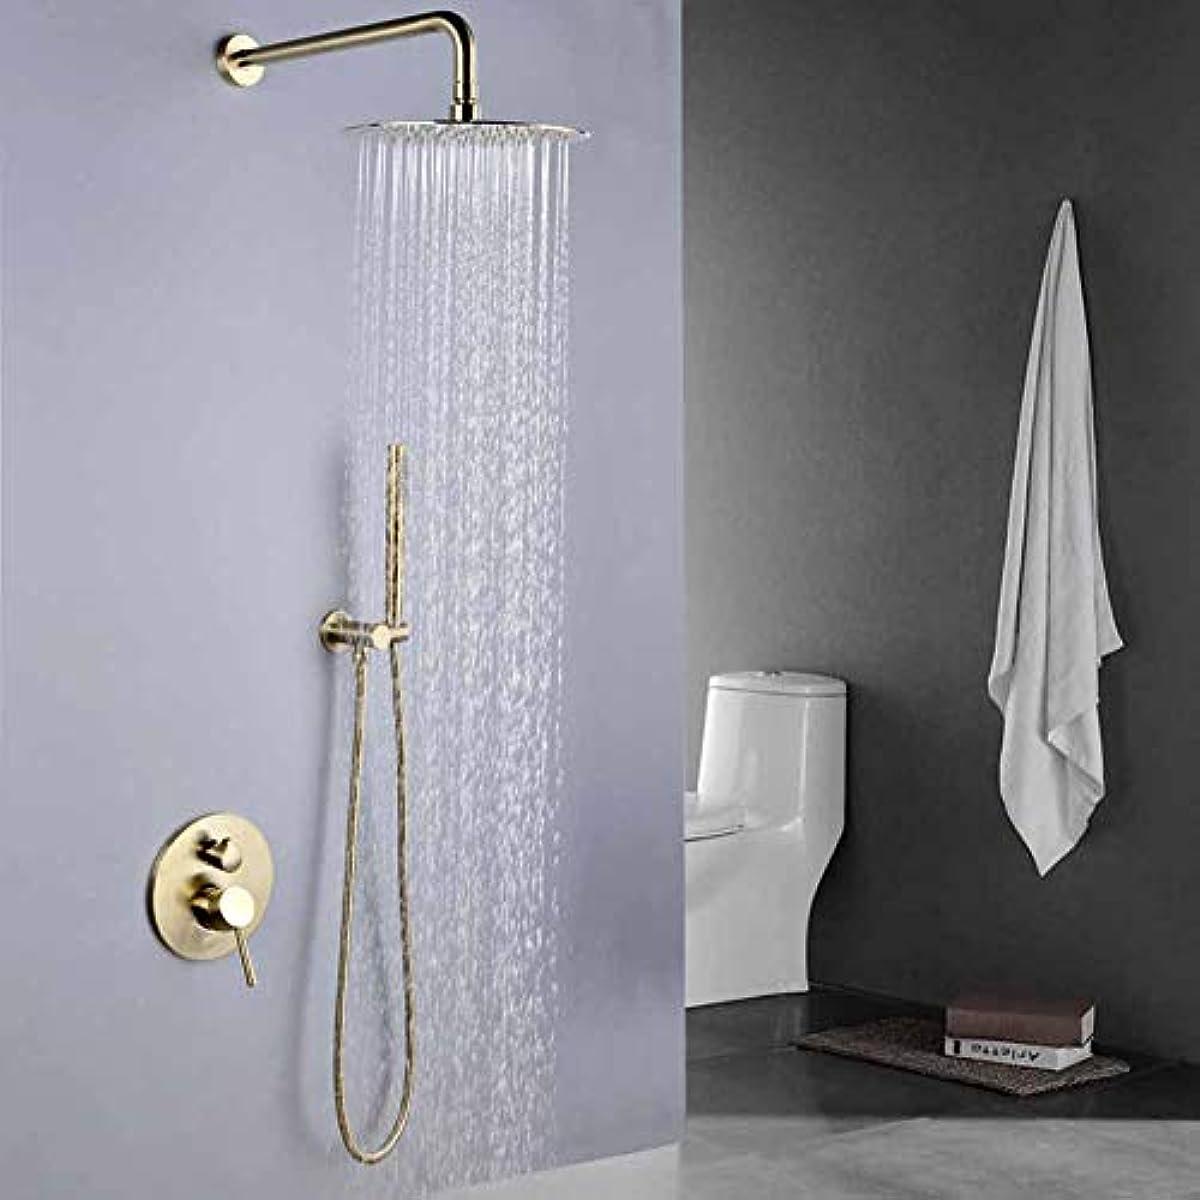 光のスタジオスティーブンソンシャワーシステム、ローズゴールドフィニッシュ固体真鍮シャワーダイバータバルブの蛇口セットラウンドシャワーヘッド浴室ウォールシャワーキット浴室シャワーミキサーセット